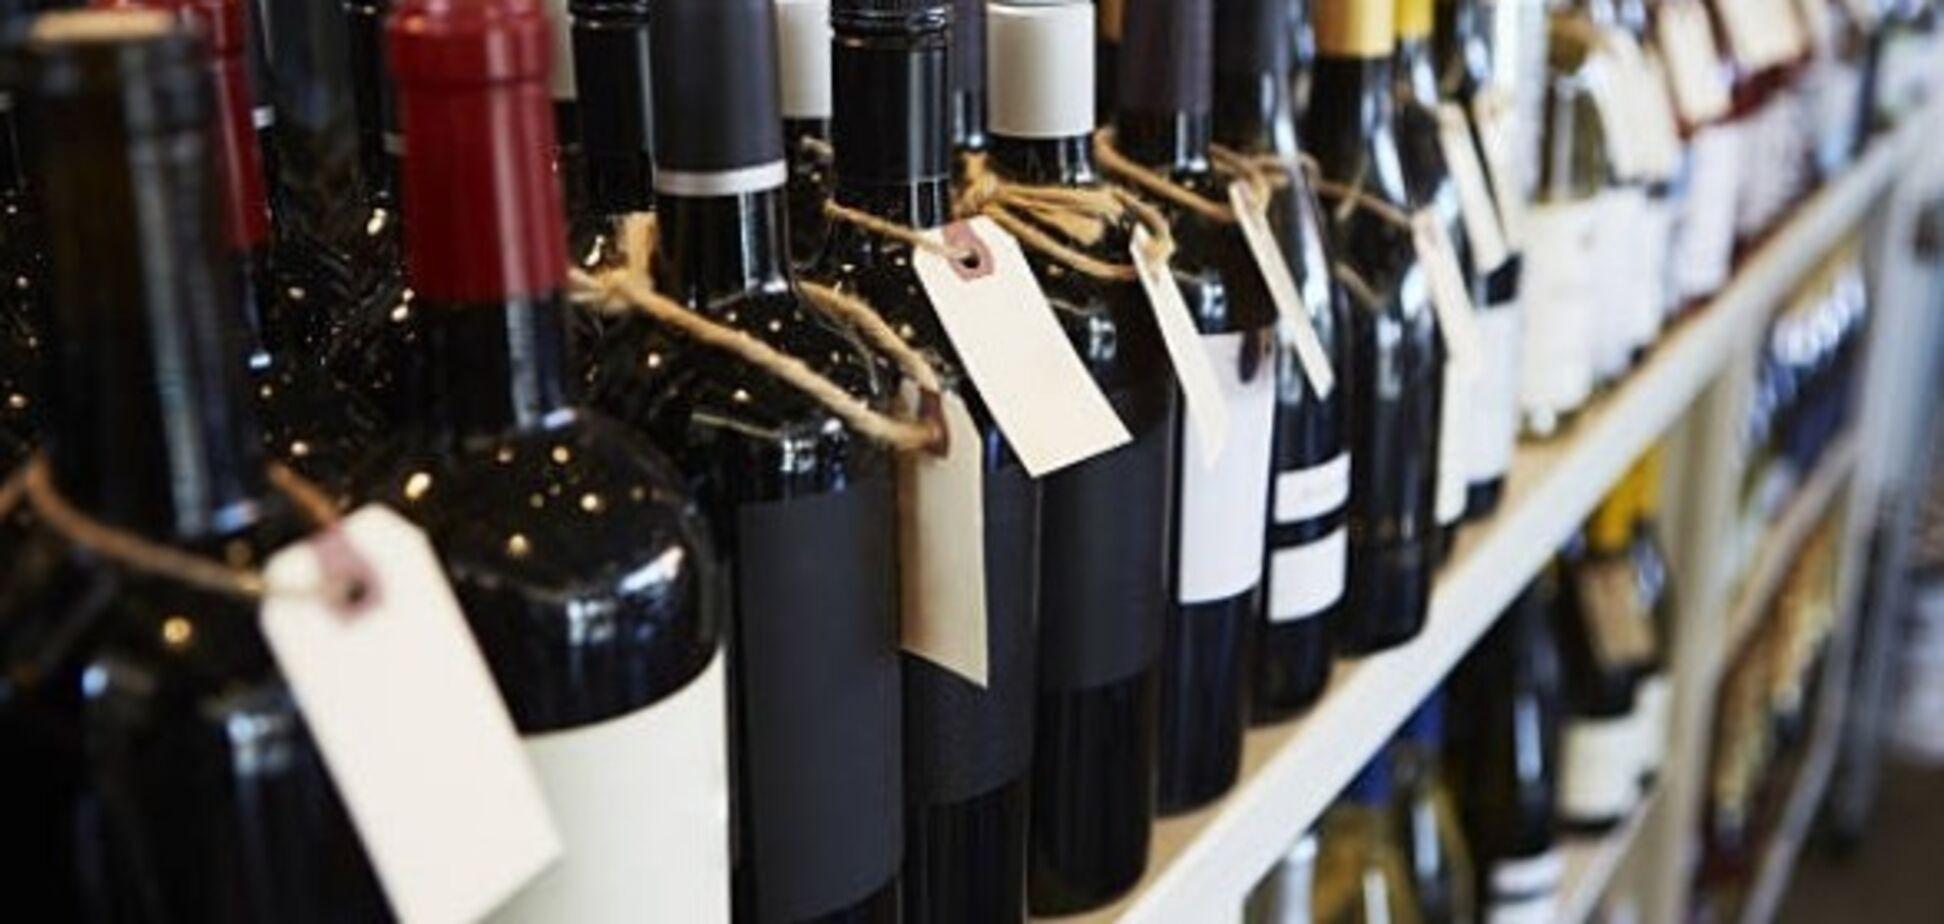 В Украине резко повысят цены на алкоголь: названа дата